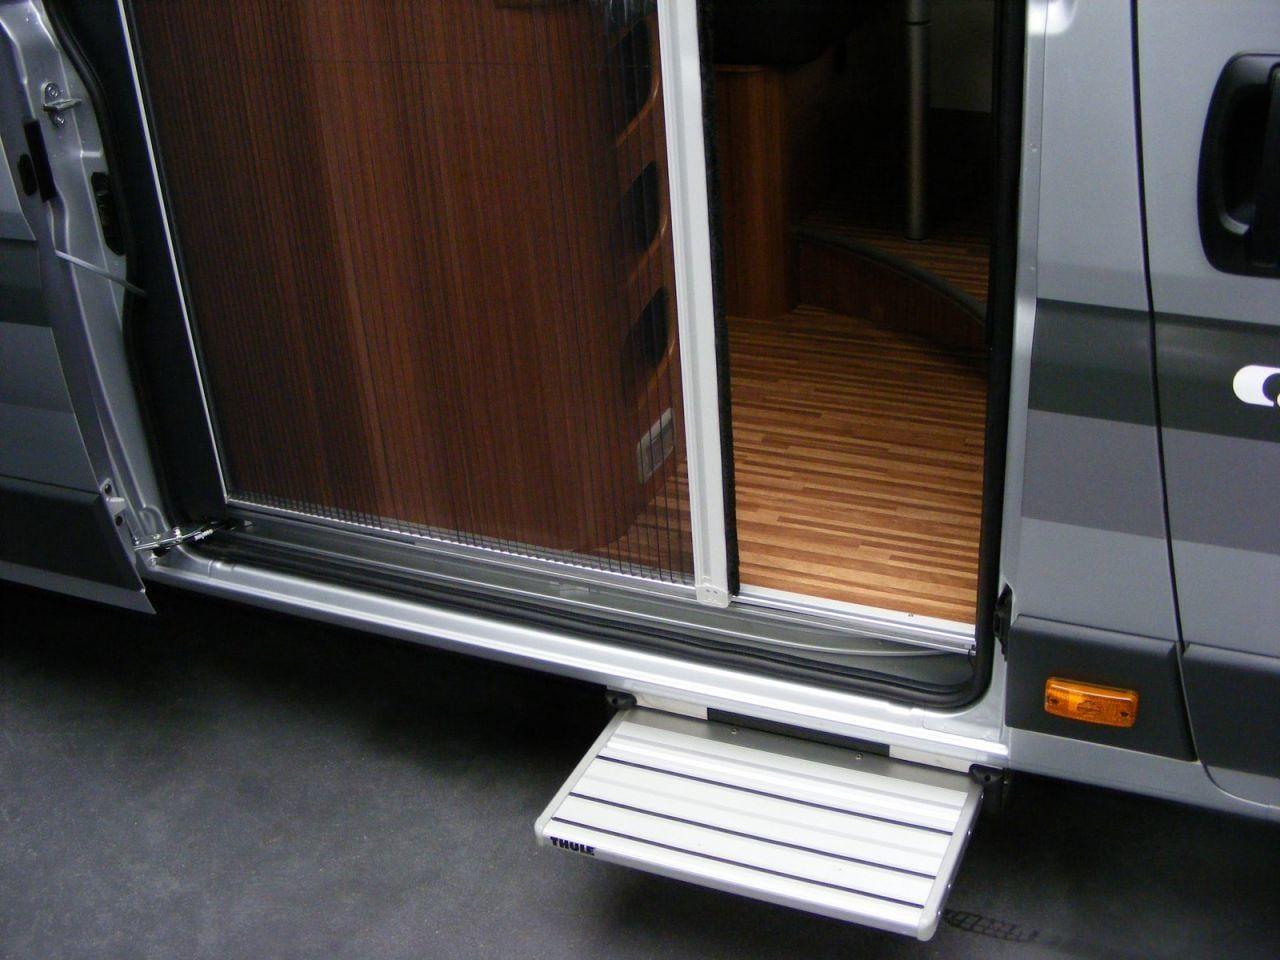 plissee fliegenschutzt r f r schiebet r vw t5 t6 von horrex bei campingshop wagner campingzubeh r. Black Bedroom Furniture Sets. Home Design Ideas